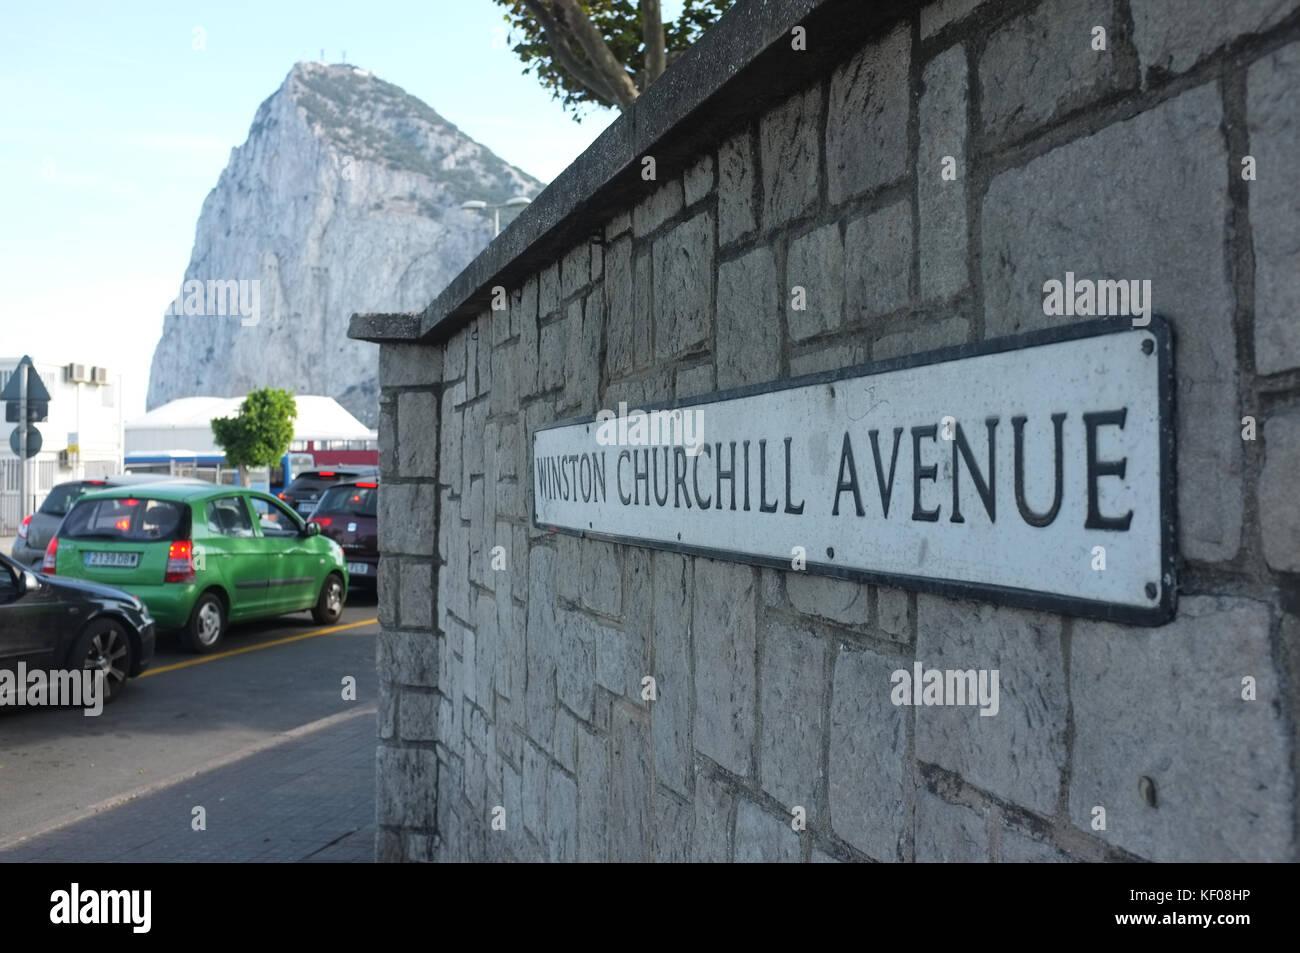 Street sign of Winston Churchill Avenue, Gibraltar, September 2017 - Stock Image